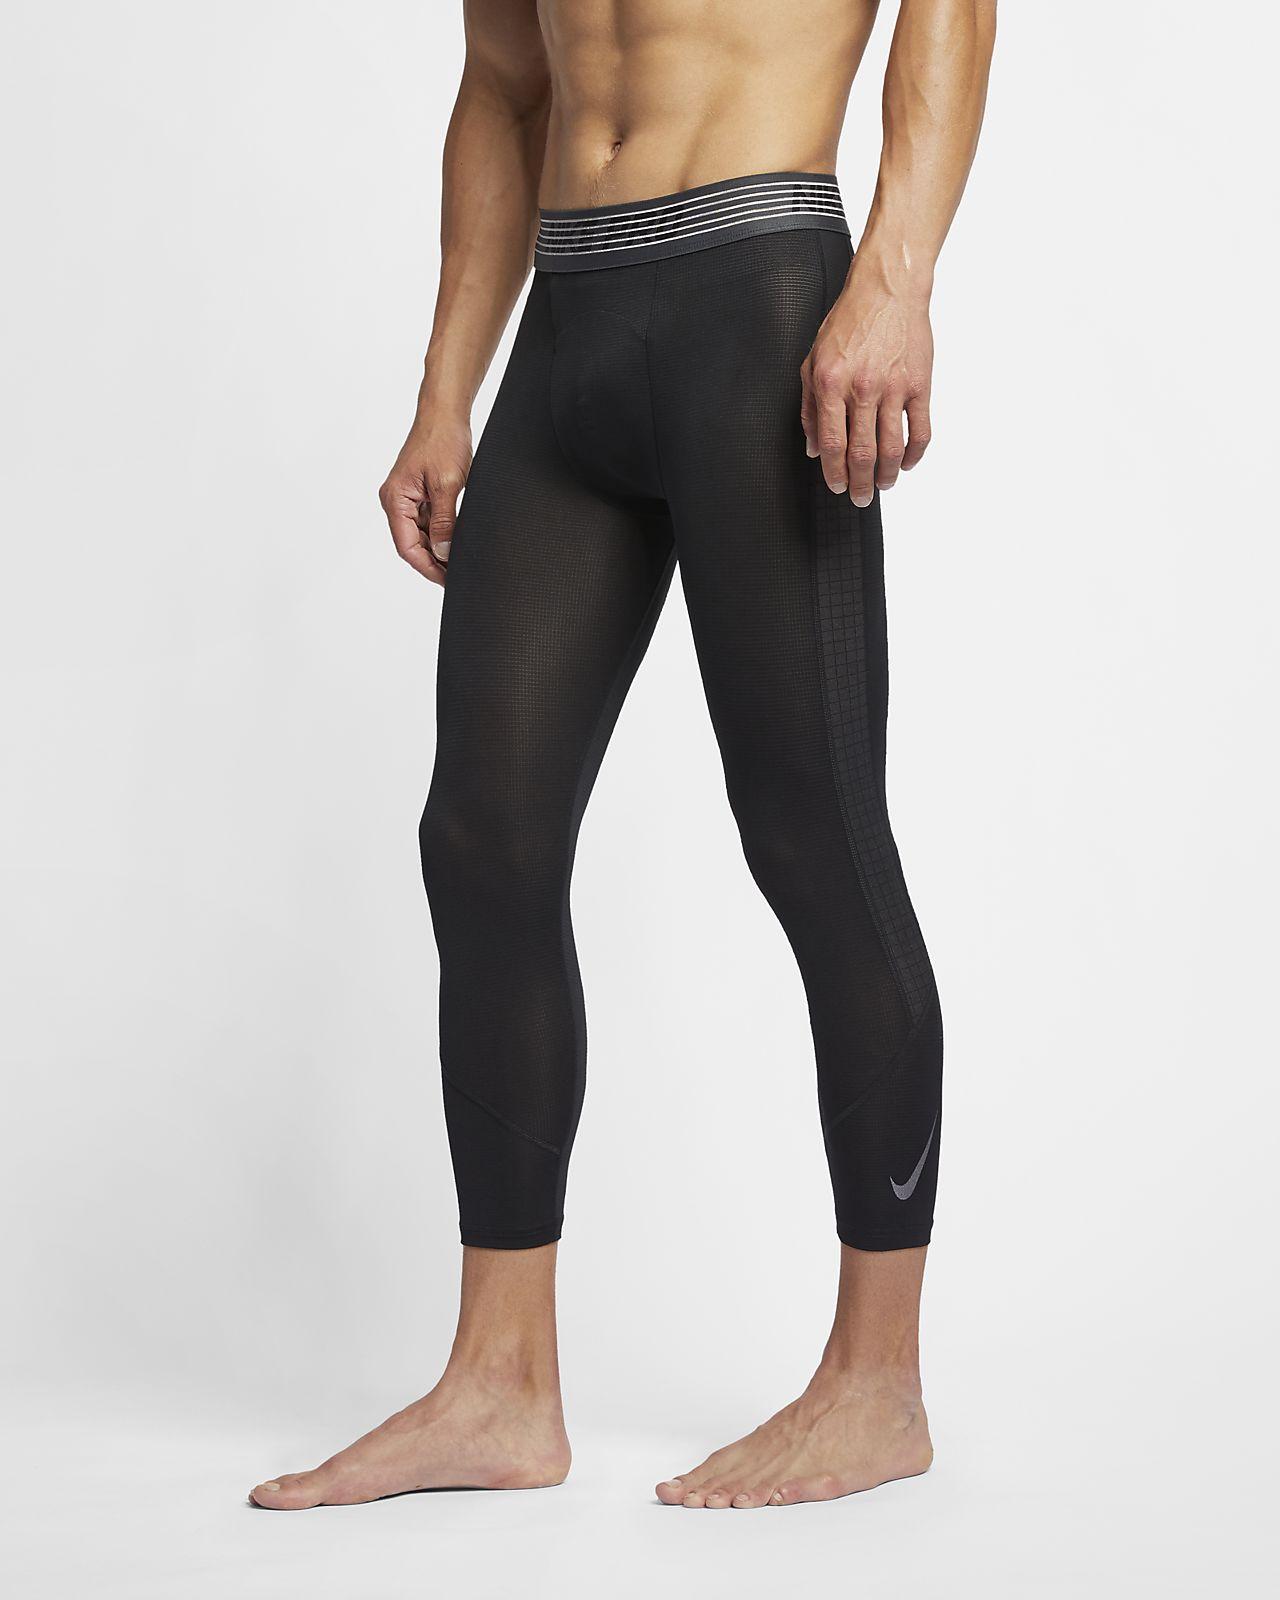 Nike Pro-tights i 3/4-længde til mænd